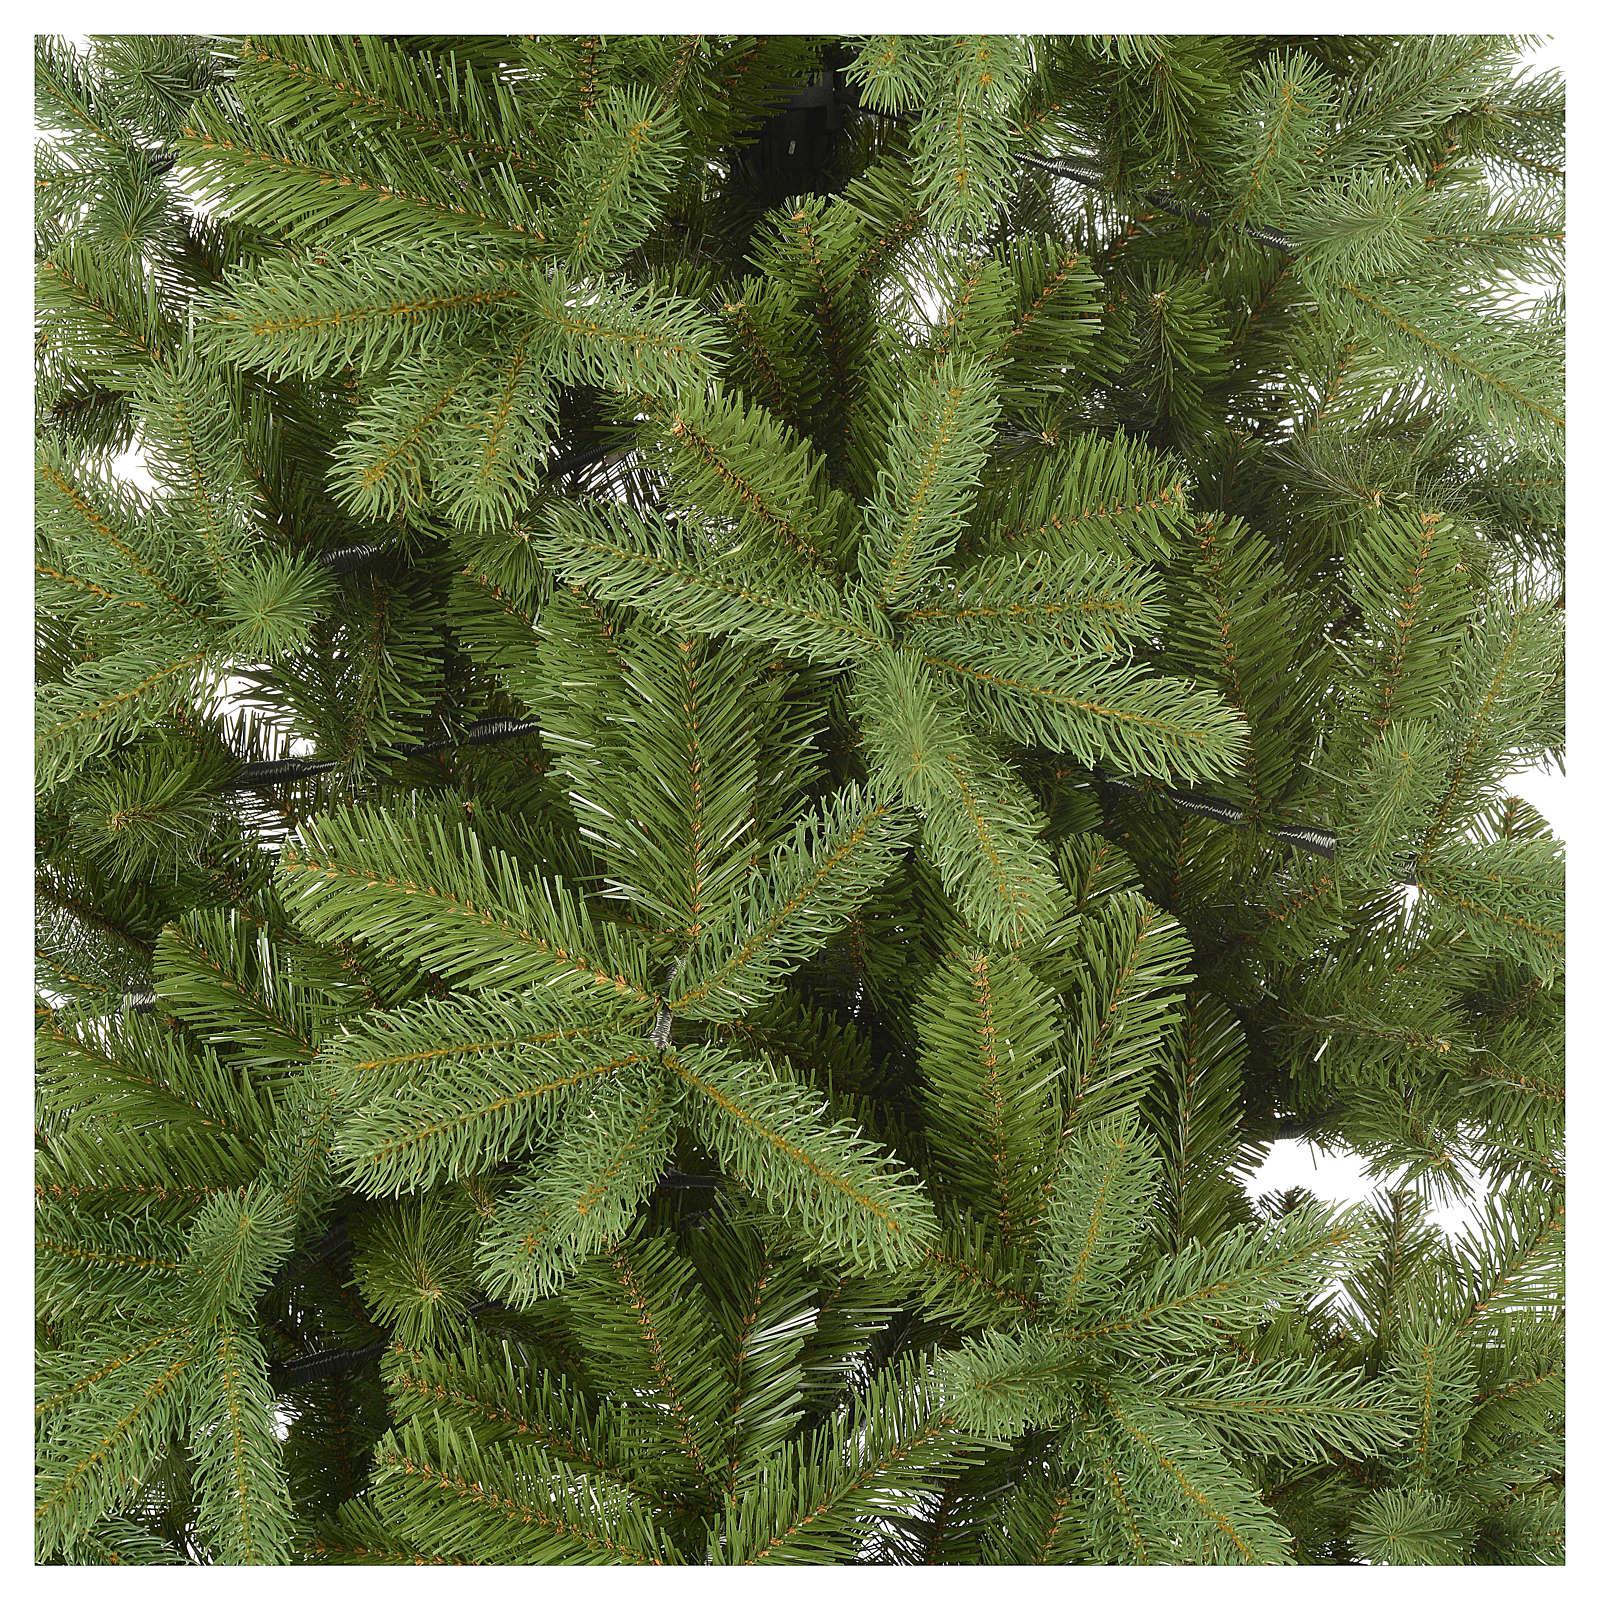 Albero Di Natale 240 Cm.Albero Di Natale 240 Cm Poly Slim Verde Bayberry Spruce Vendita Online Su Holyart